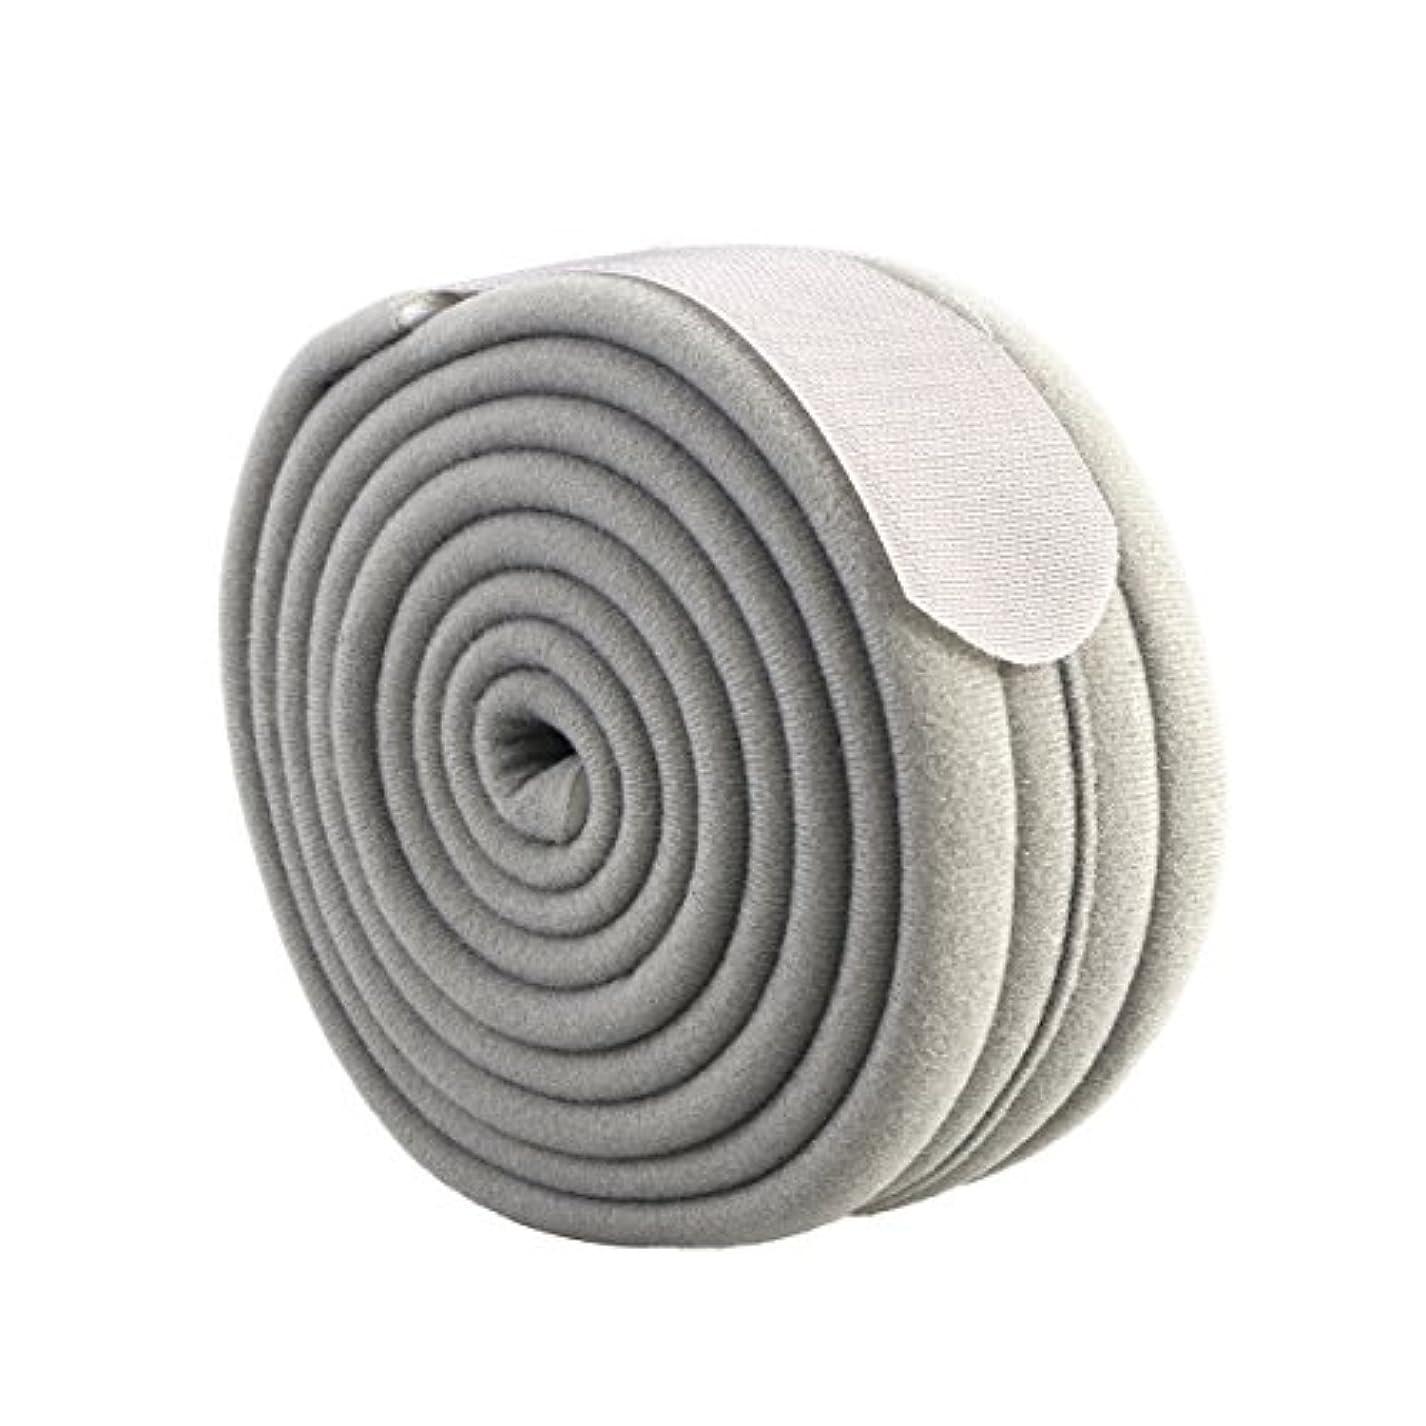 全国陰気宿ROSENICE アームスリング アームホルダー アームスリング アームのサポート 調節可能 通気性 調節可能 腕の骨折?脱臼時のギプス固定 男性 女性